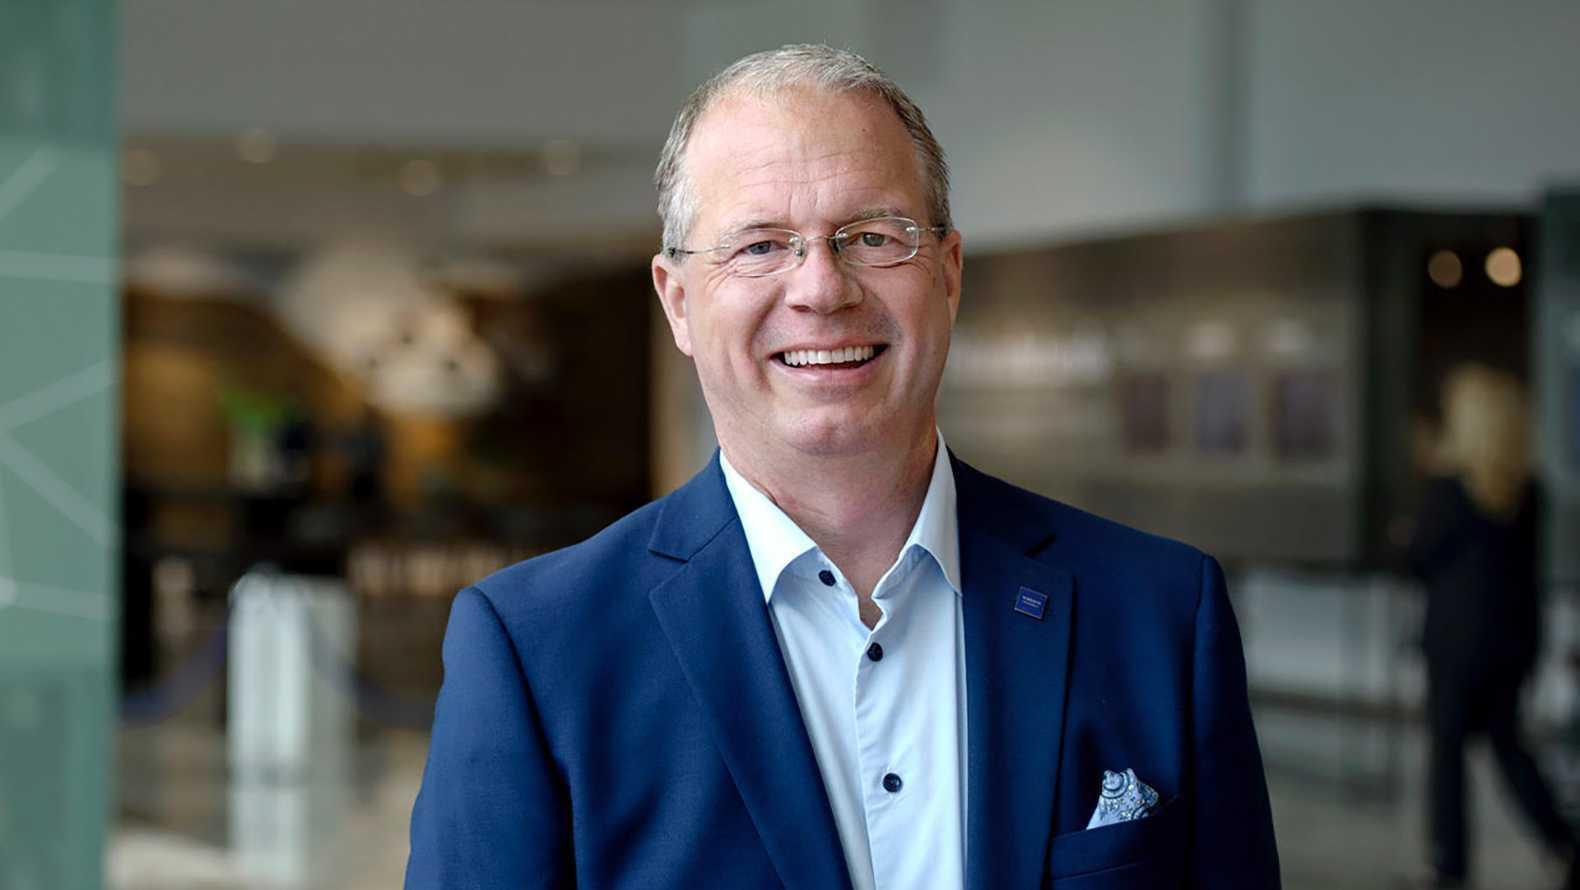 Martin Lundstedt, presidente y consejero delegado de Volvo Group.